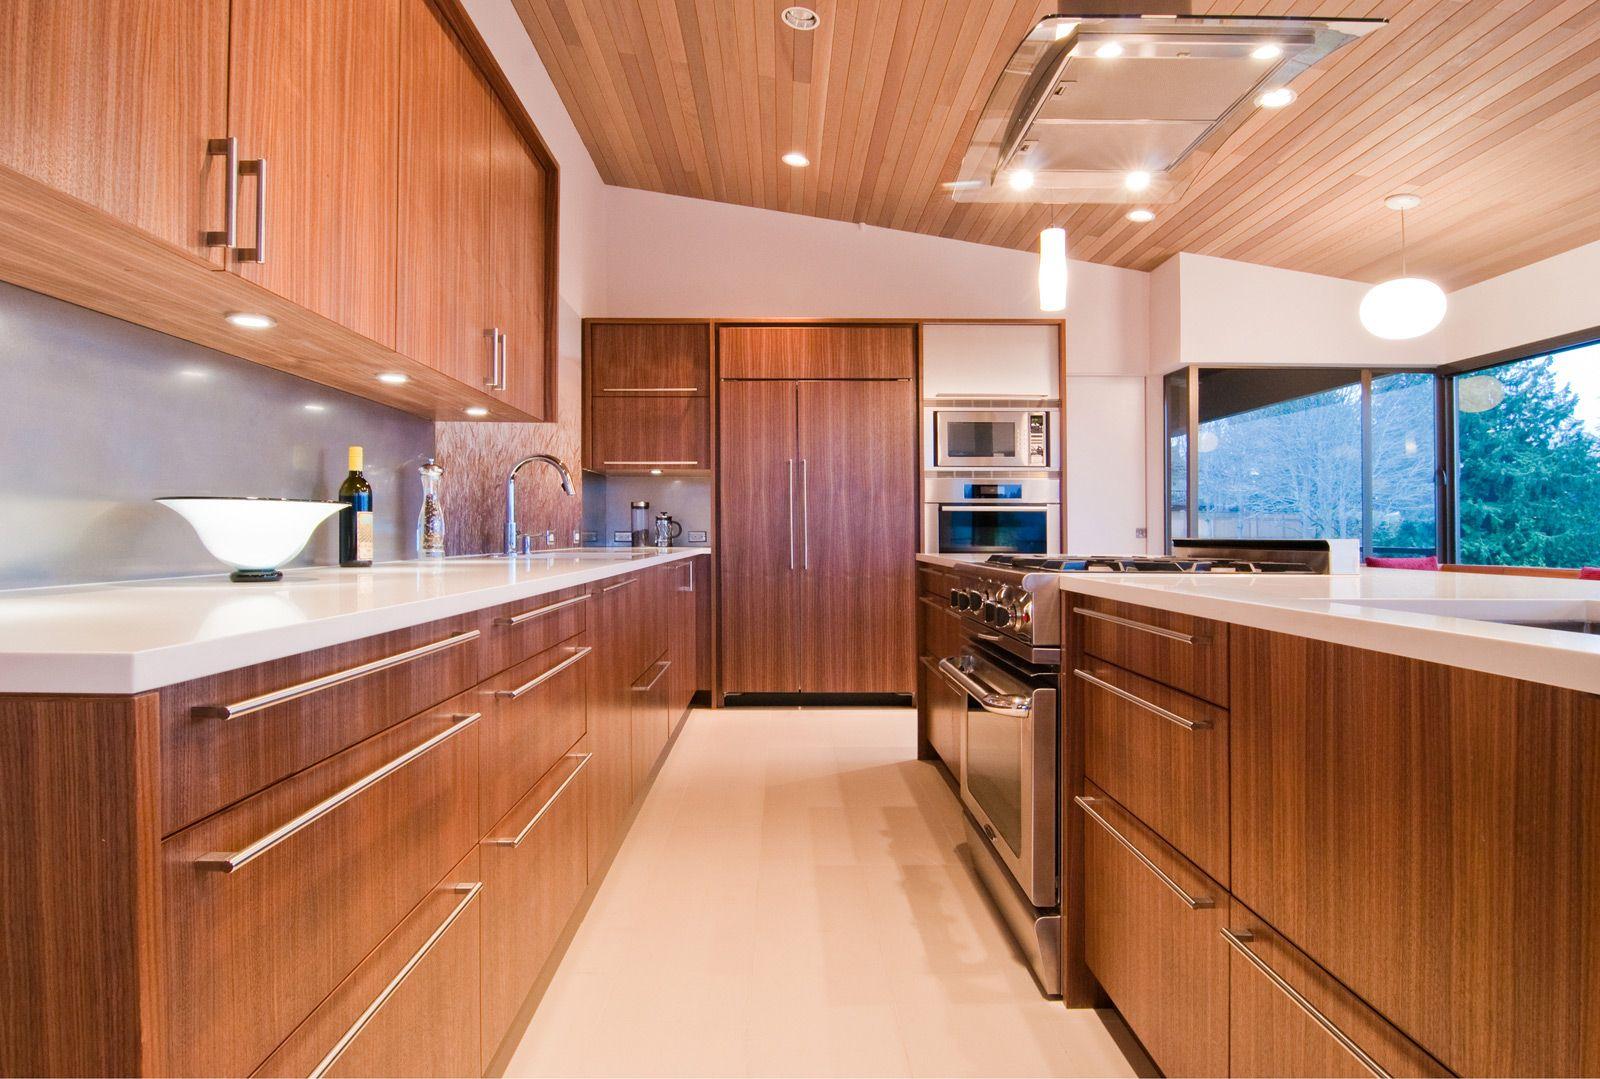 Classic Mcm Gets A Warm Modern Update Build Blog Modern Kitchen Design Outdoor Kitchen Cabinets Modern Kitchen Cabinets